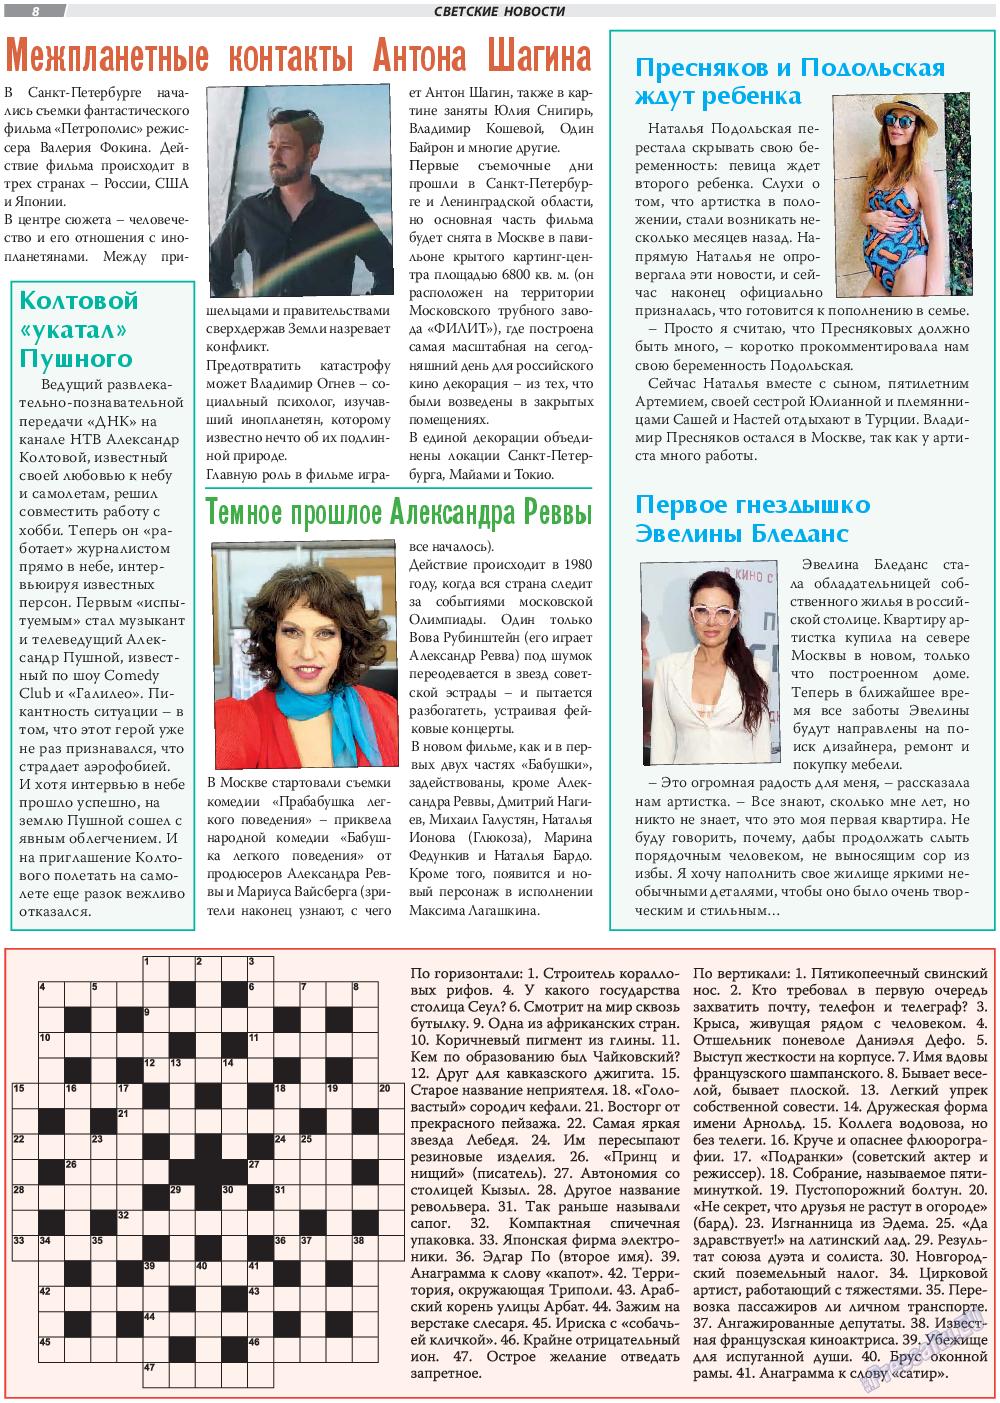 TVrus (газета). 2020 год, номер 37, стр. 8